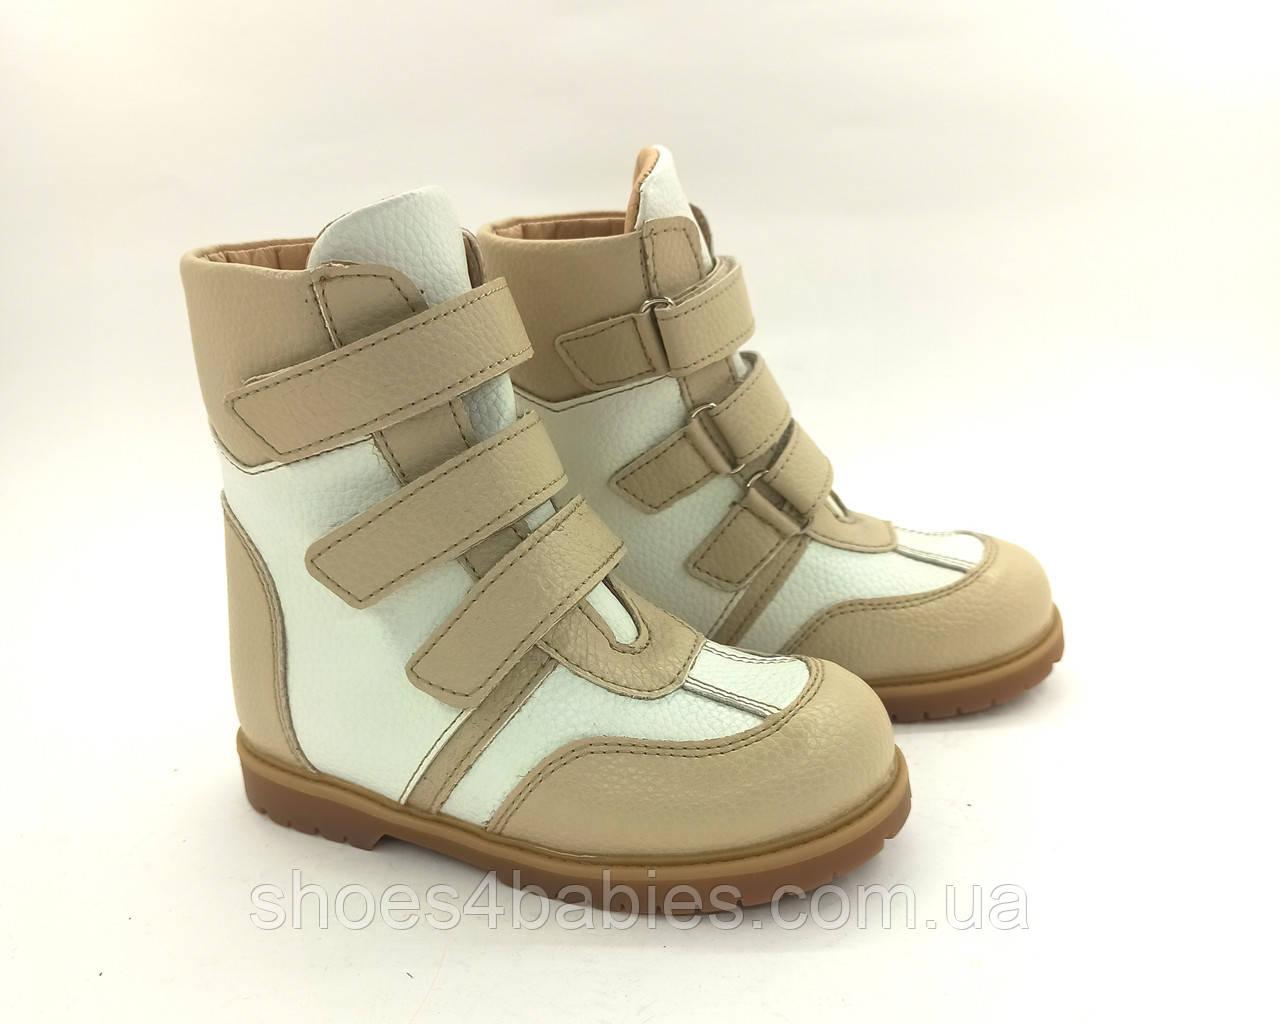 Демисезонные ортопедические ботинки для девочки Ecoby 703 р. 26 - 17,3 см